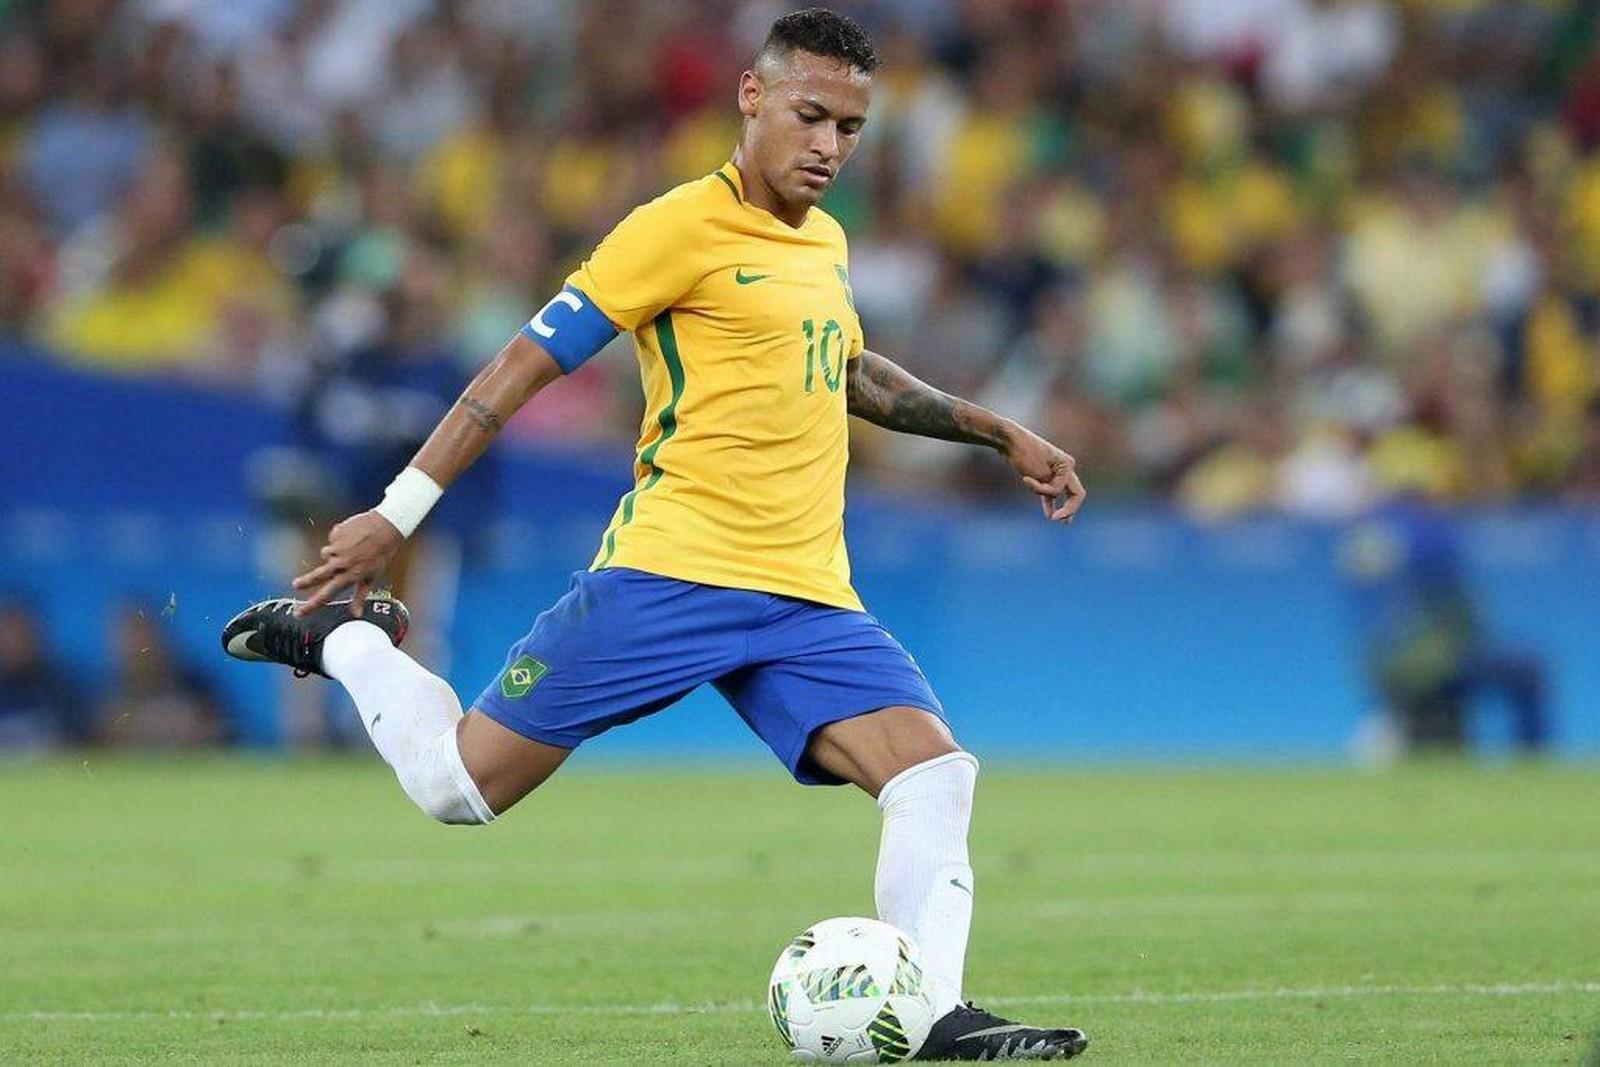 Kann Neymar den ersten Sieg bei der WM holen? Jetzt auf Brasilien gegen Costa Rica wetten!